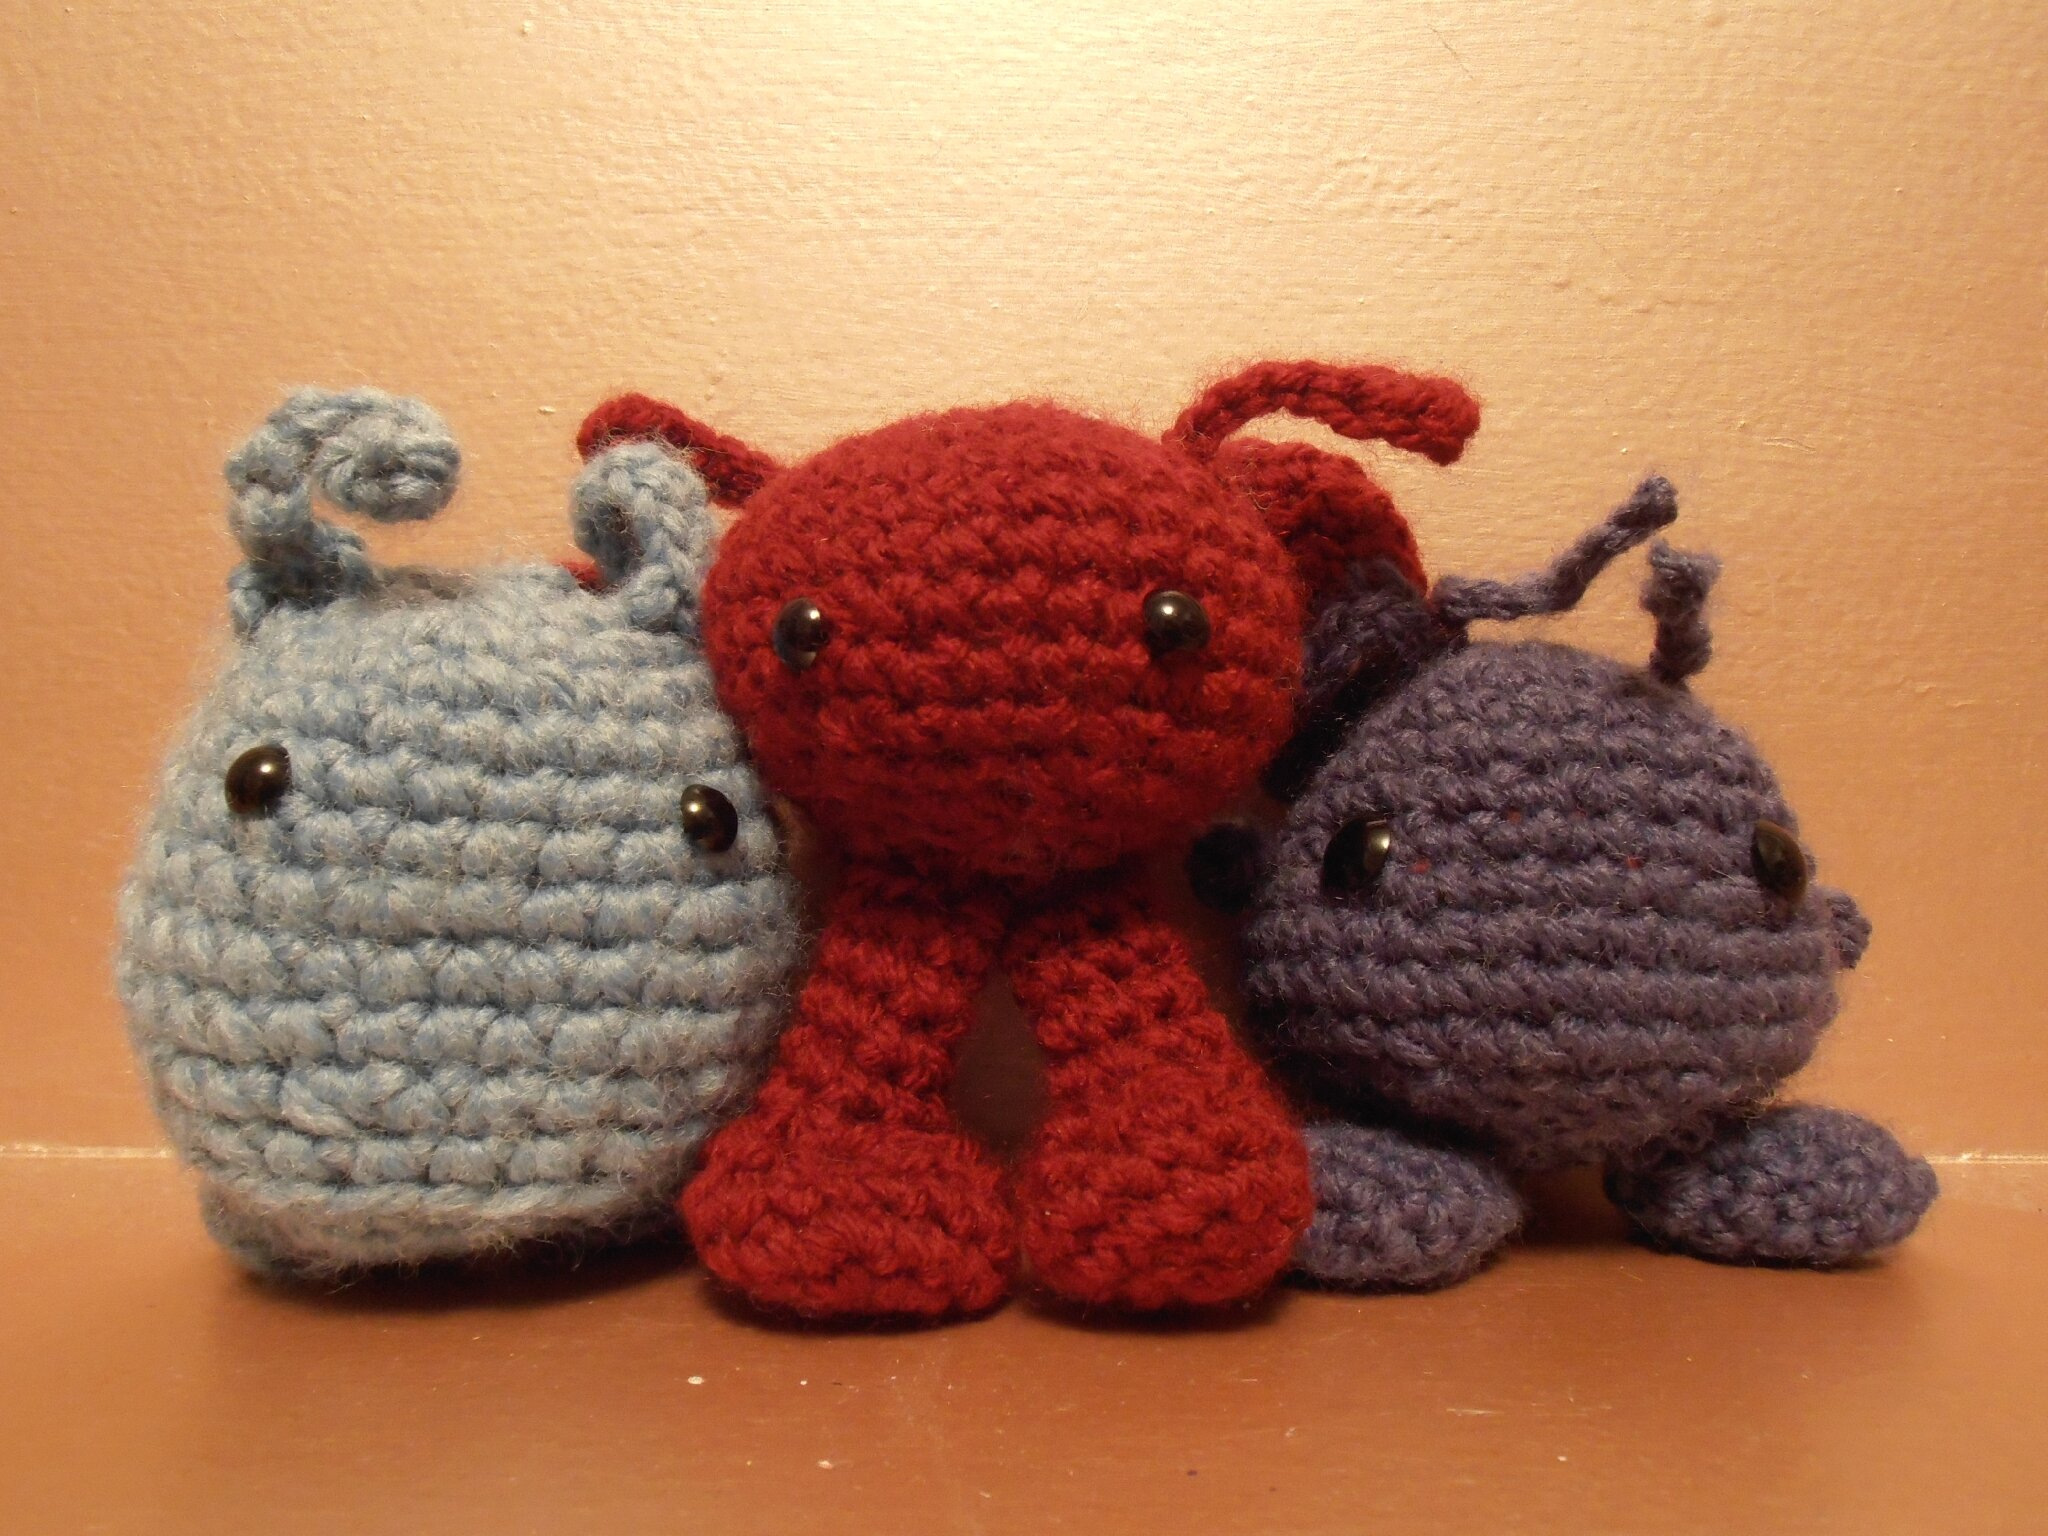 Amigurumi Au Crochet Modele Gratuit : Crochet : Modele gratuit dAmigurumi, Purploids, and ...